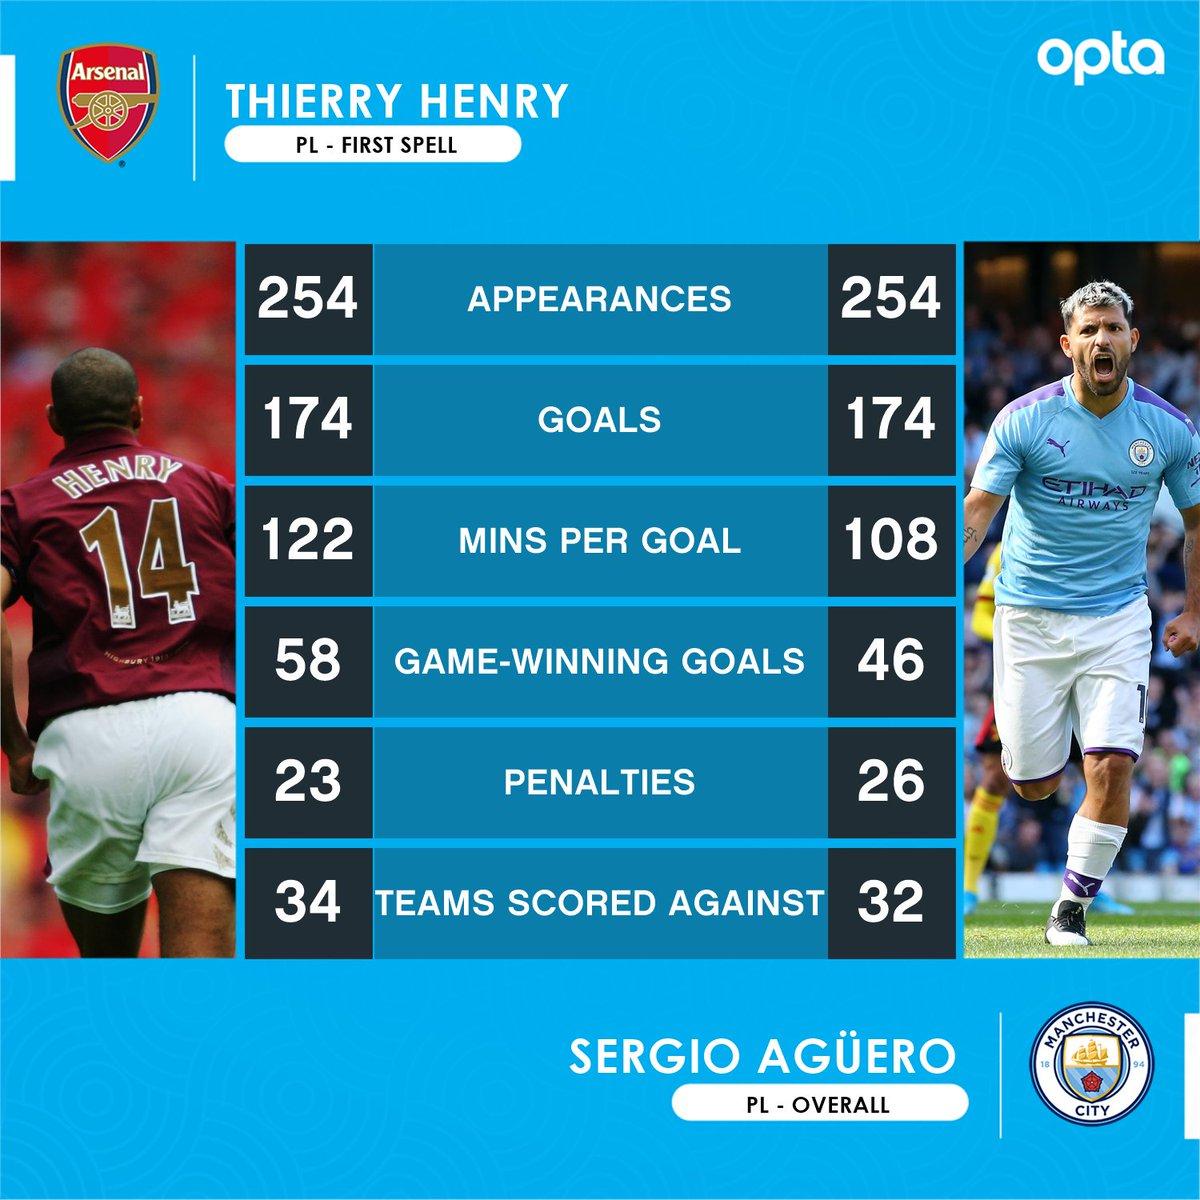 巧了!阿圭罗目前英超出场、进球数正和亨利当年相同